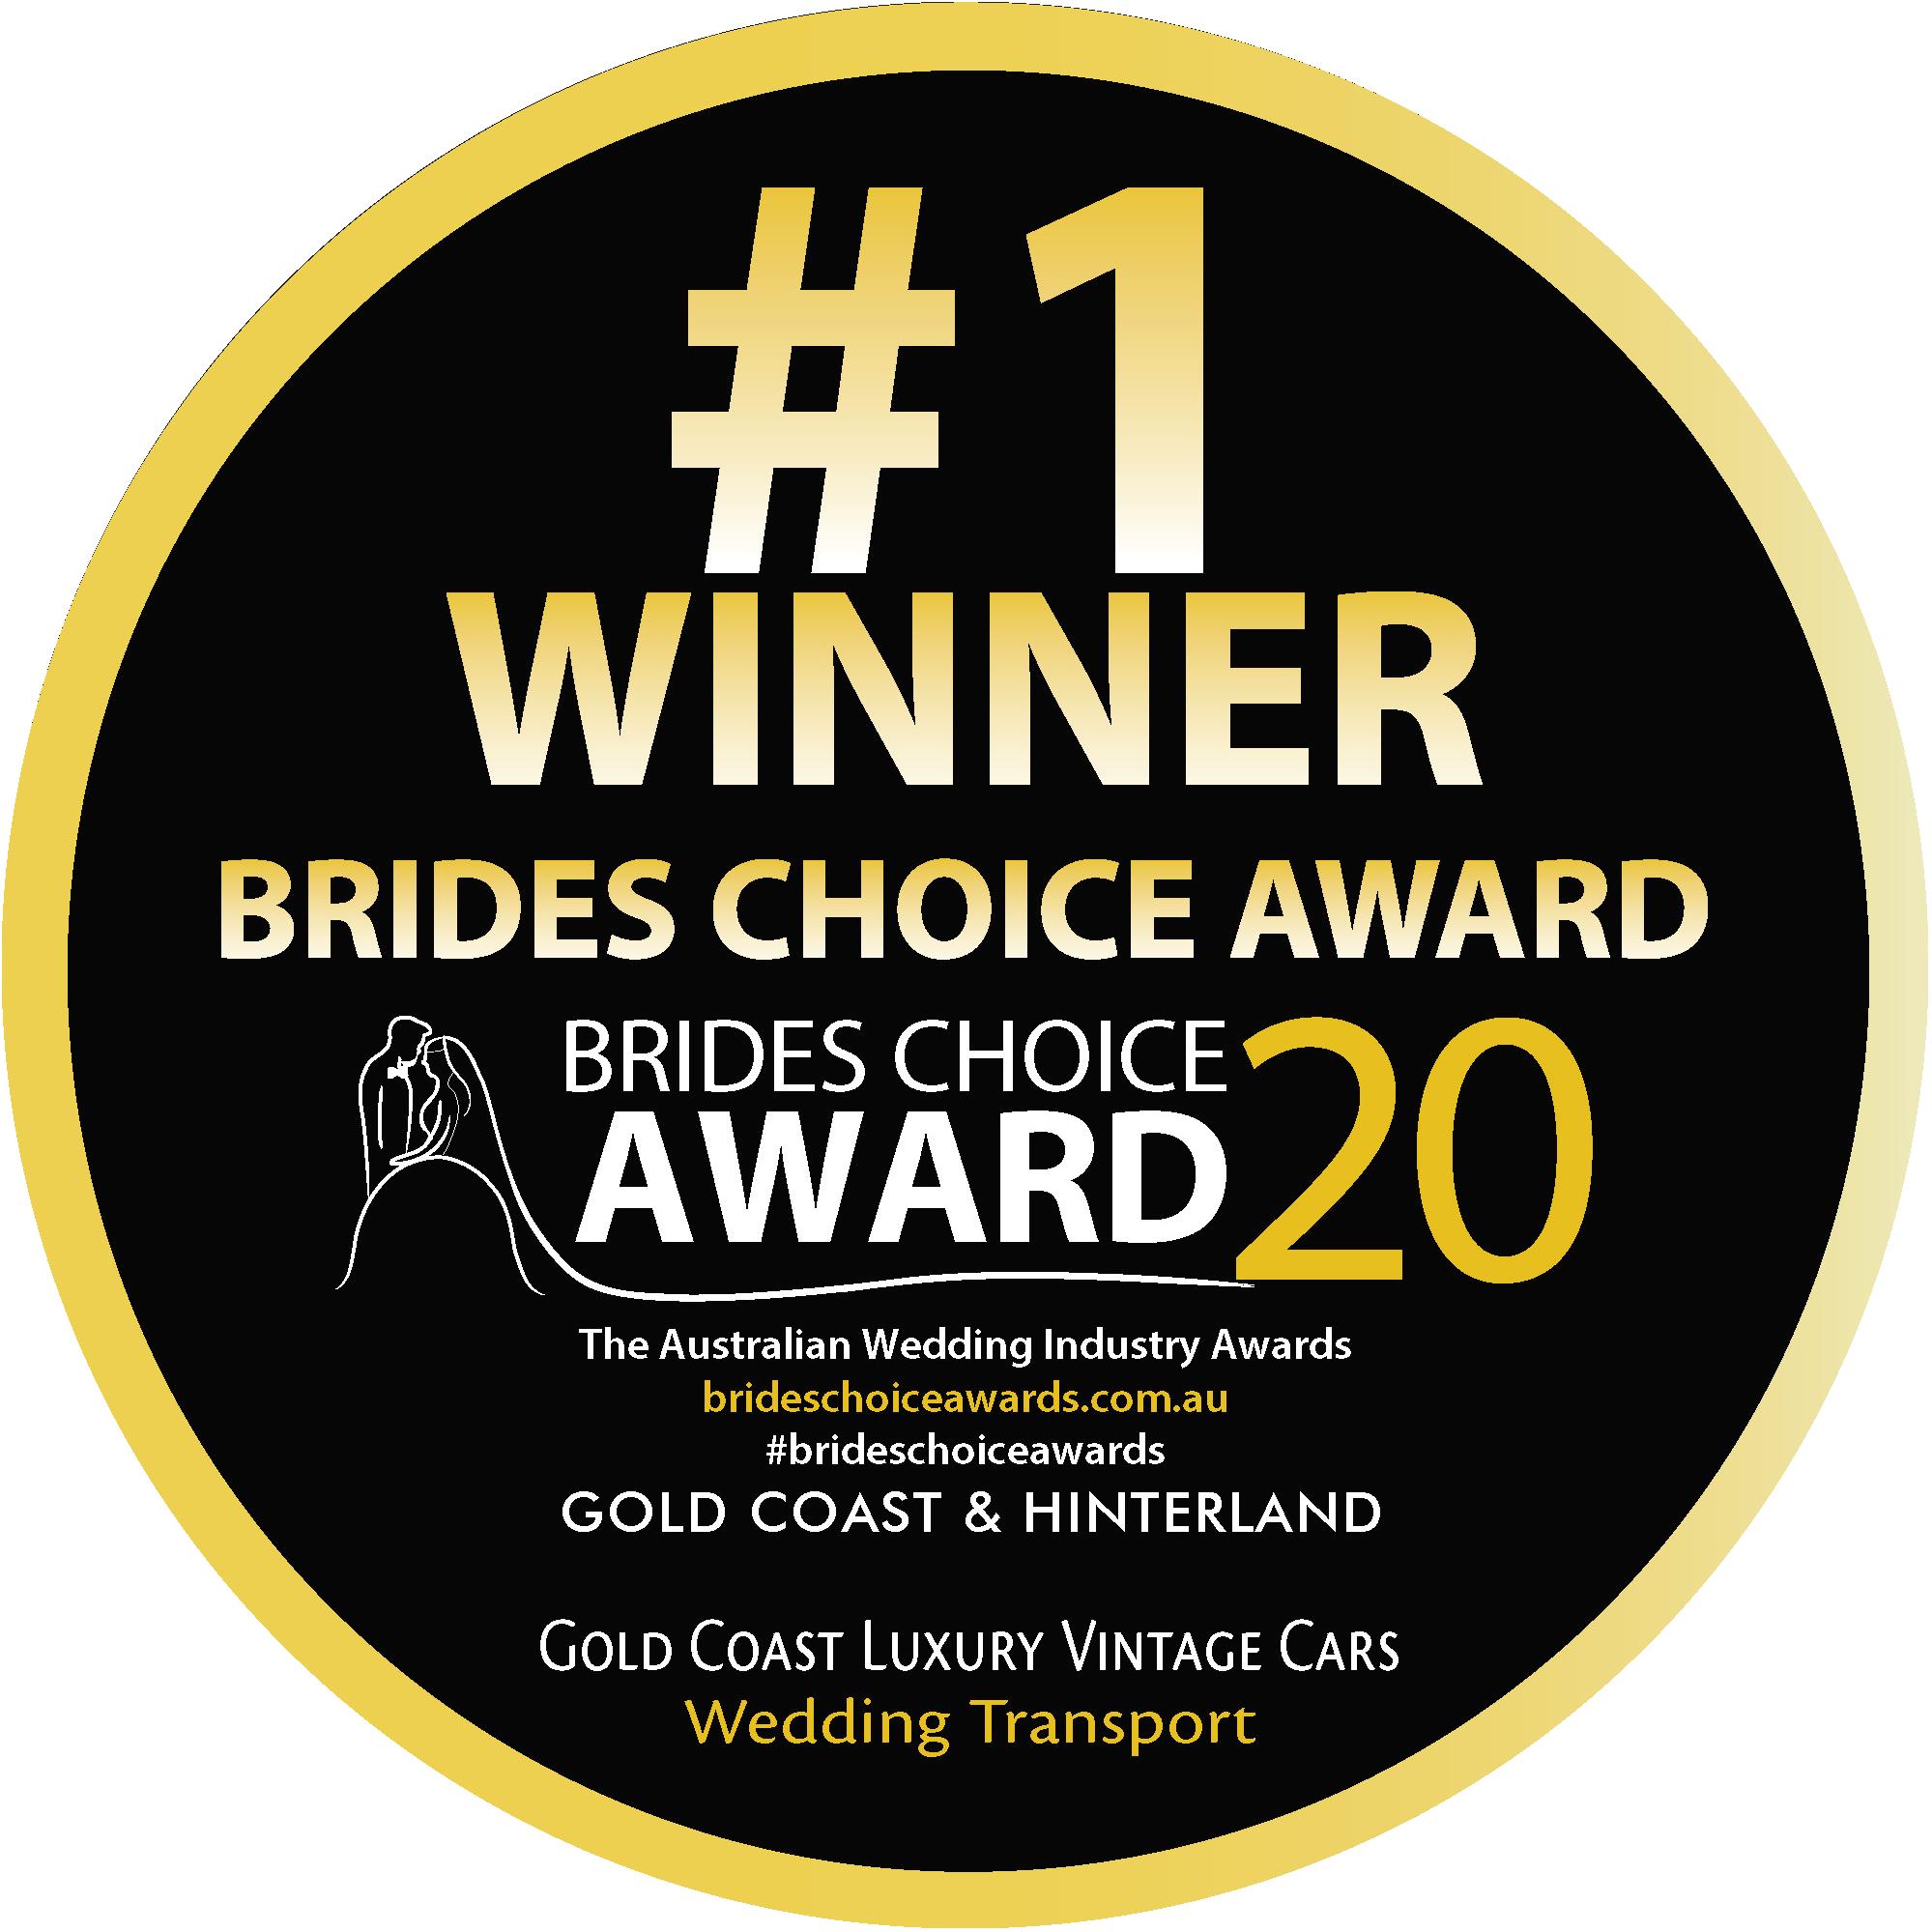 brides-choice